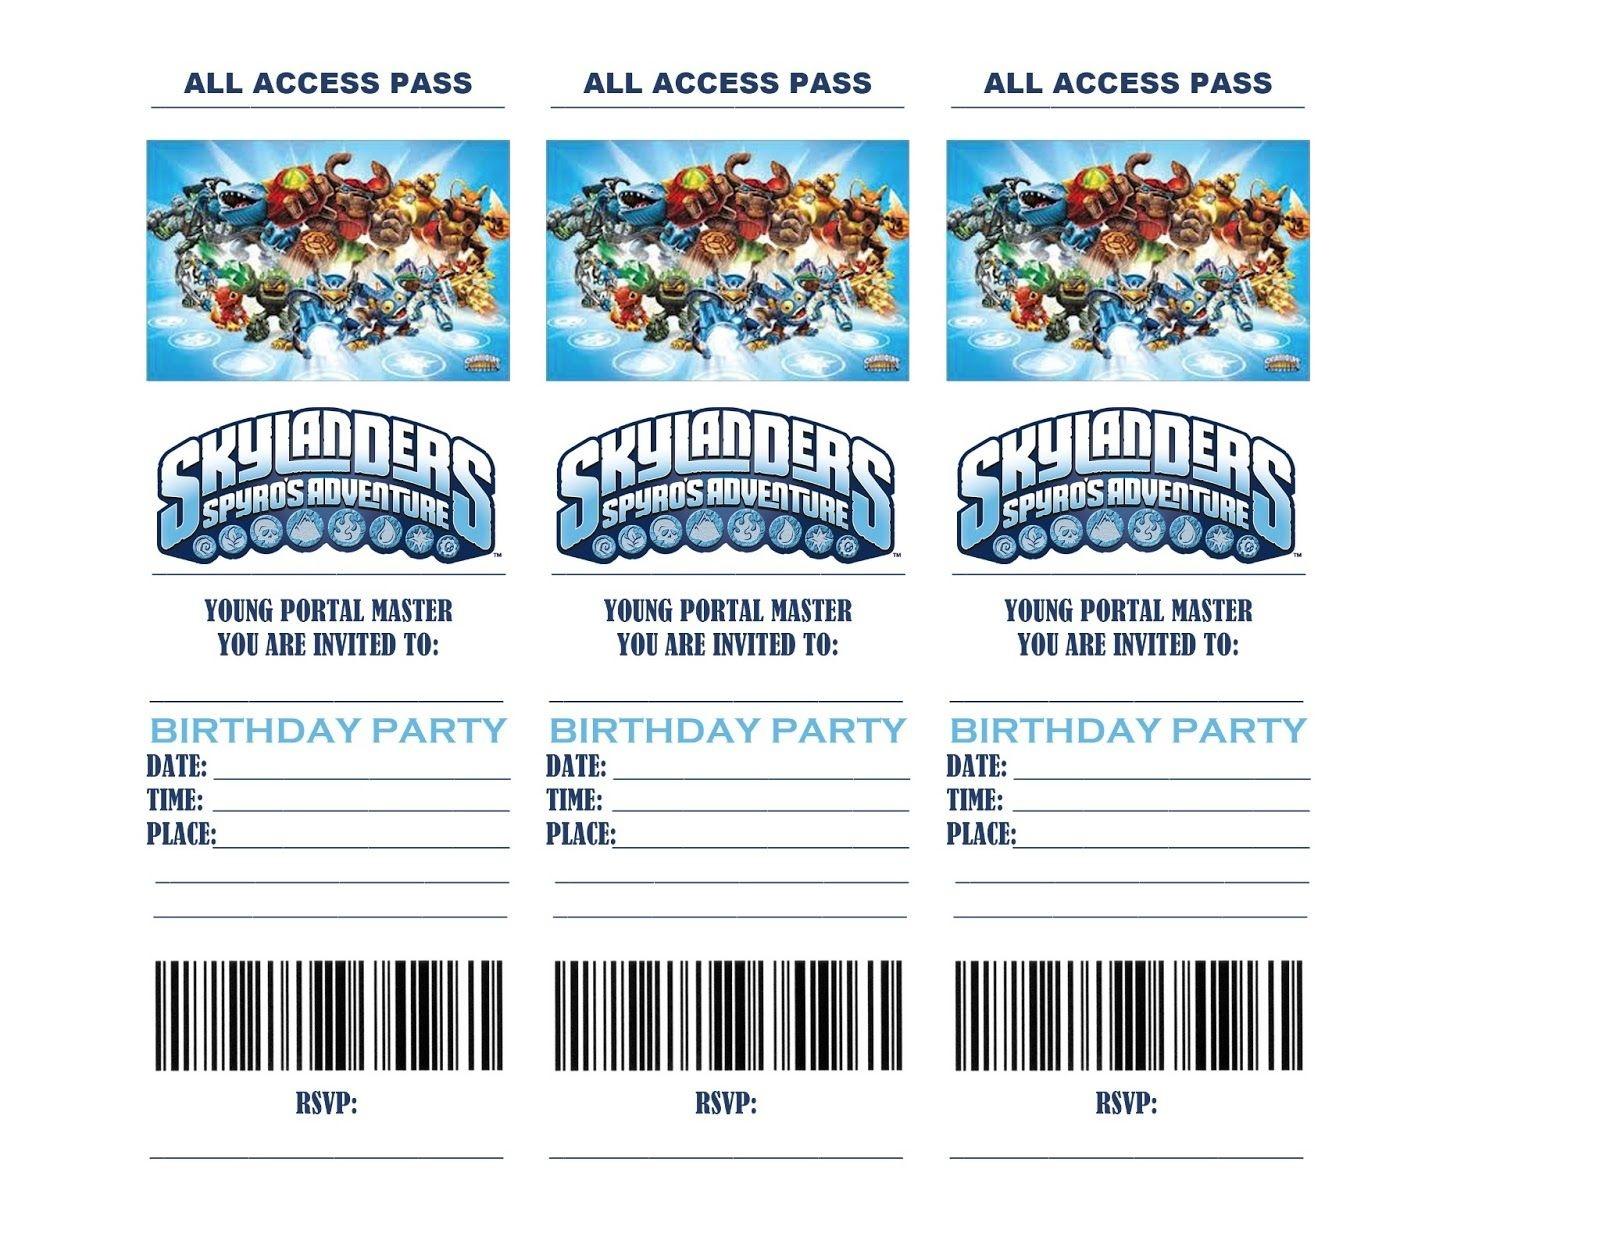 Pincrafty Annabelle On Skylanders Printables | Birthday Party - Free Printable Skylander Invitations